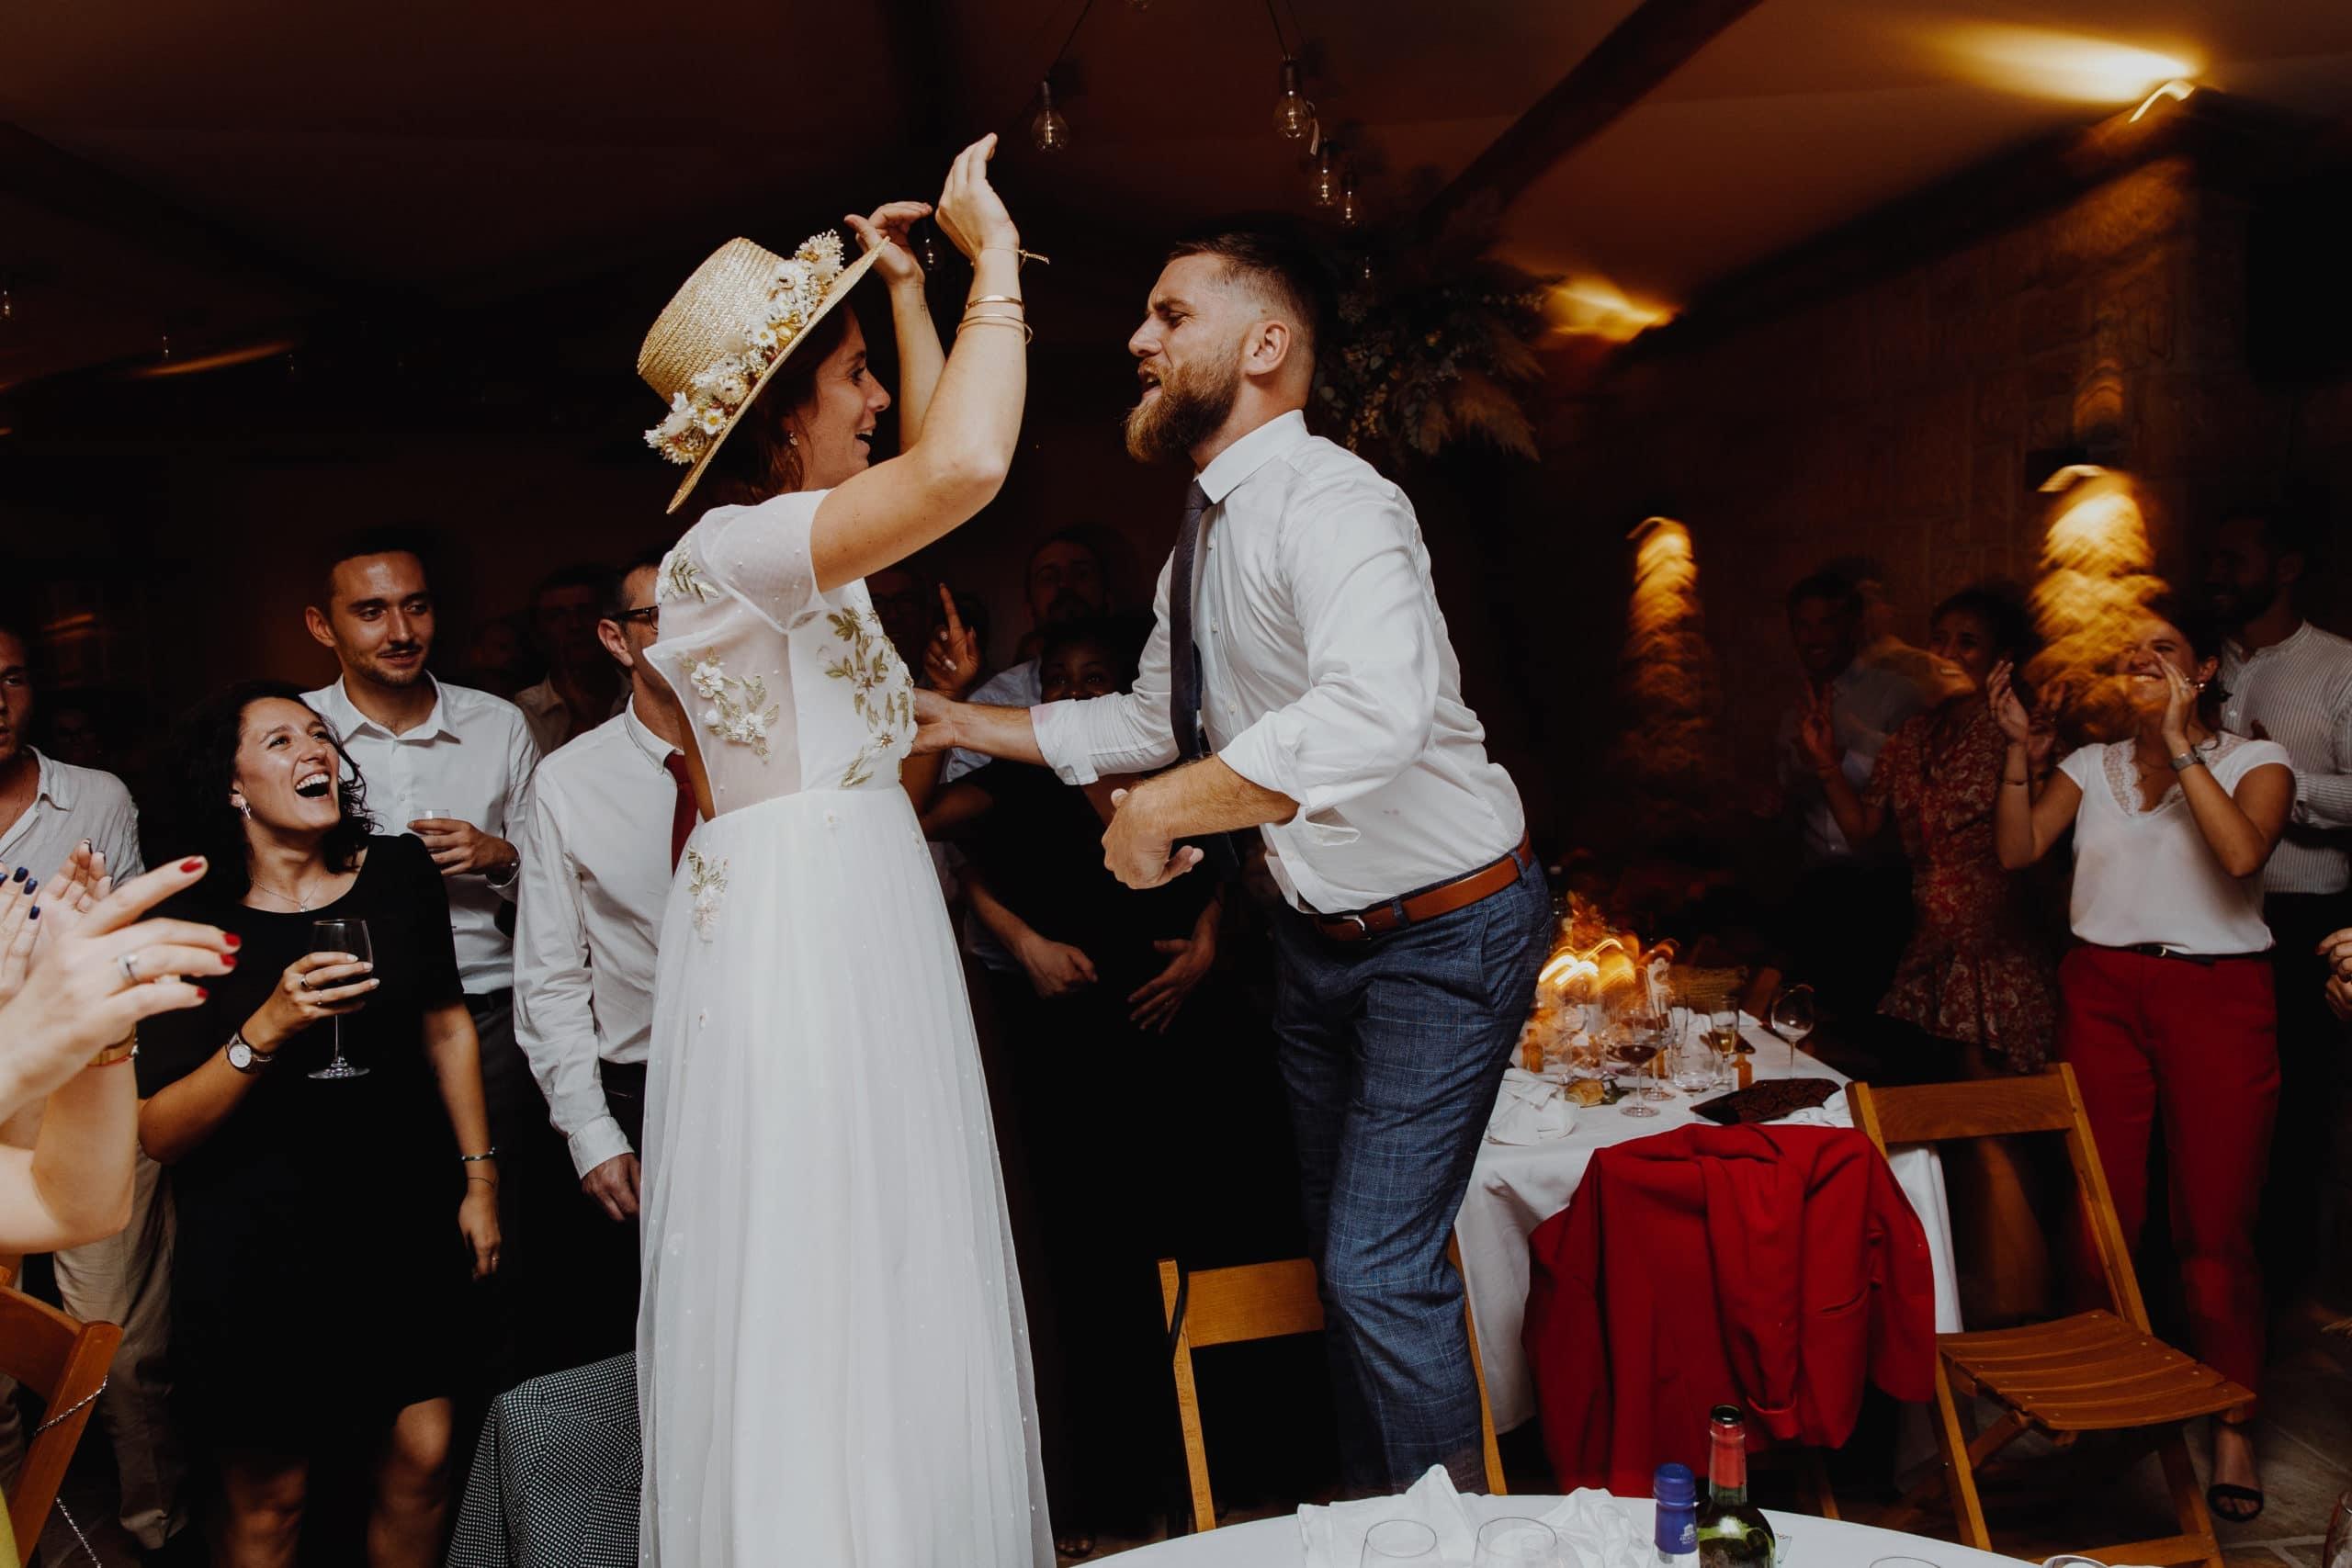 Sur les falaises de Bidart une Mariage à Bidart | Remember Happiness Photographie